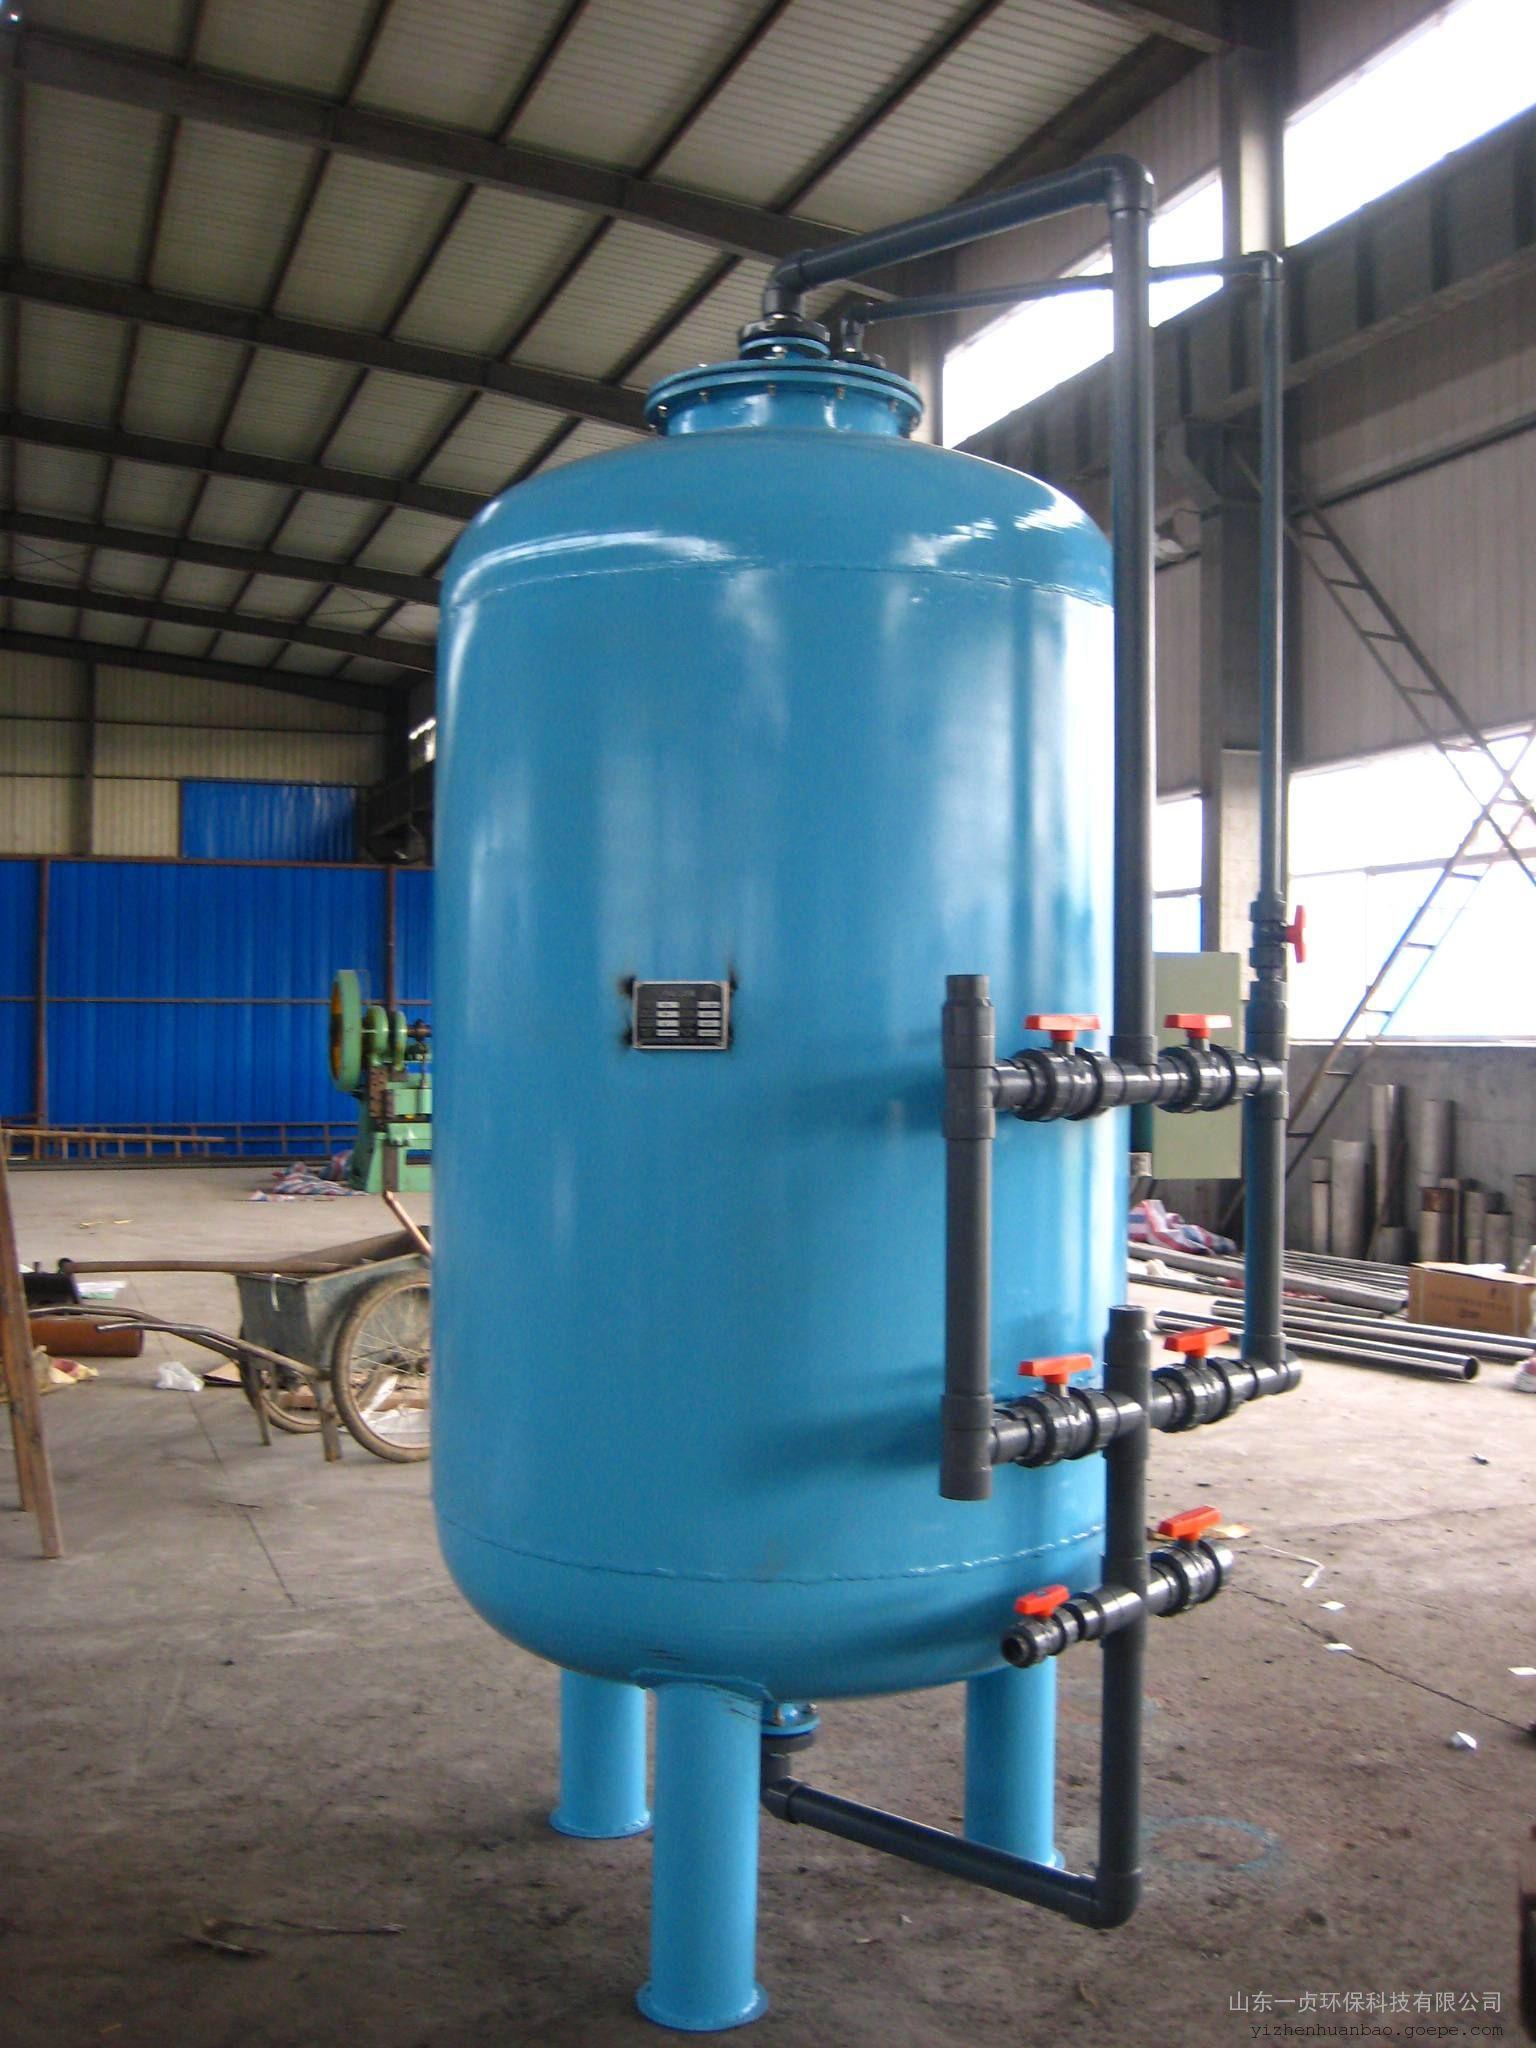 高浓度骨制品加工废水 骨粉废水骨胶原蛋白废水 无害化处理废水